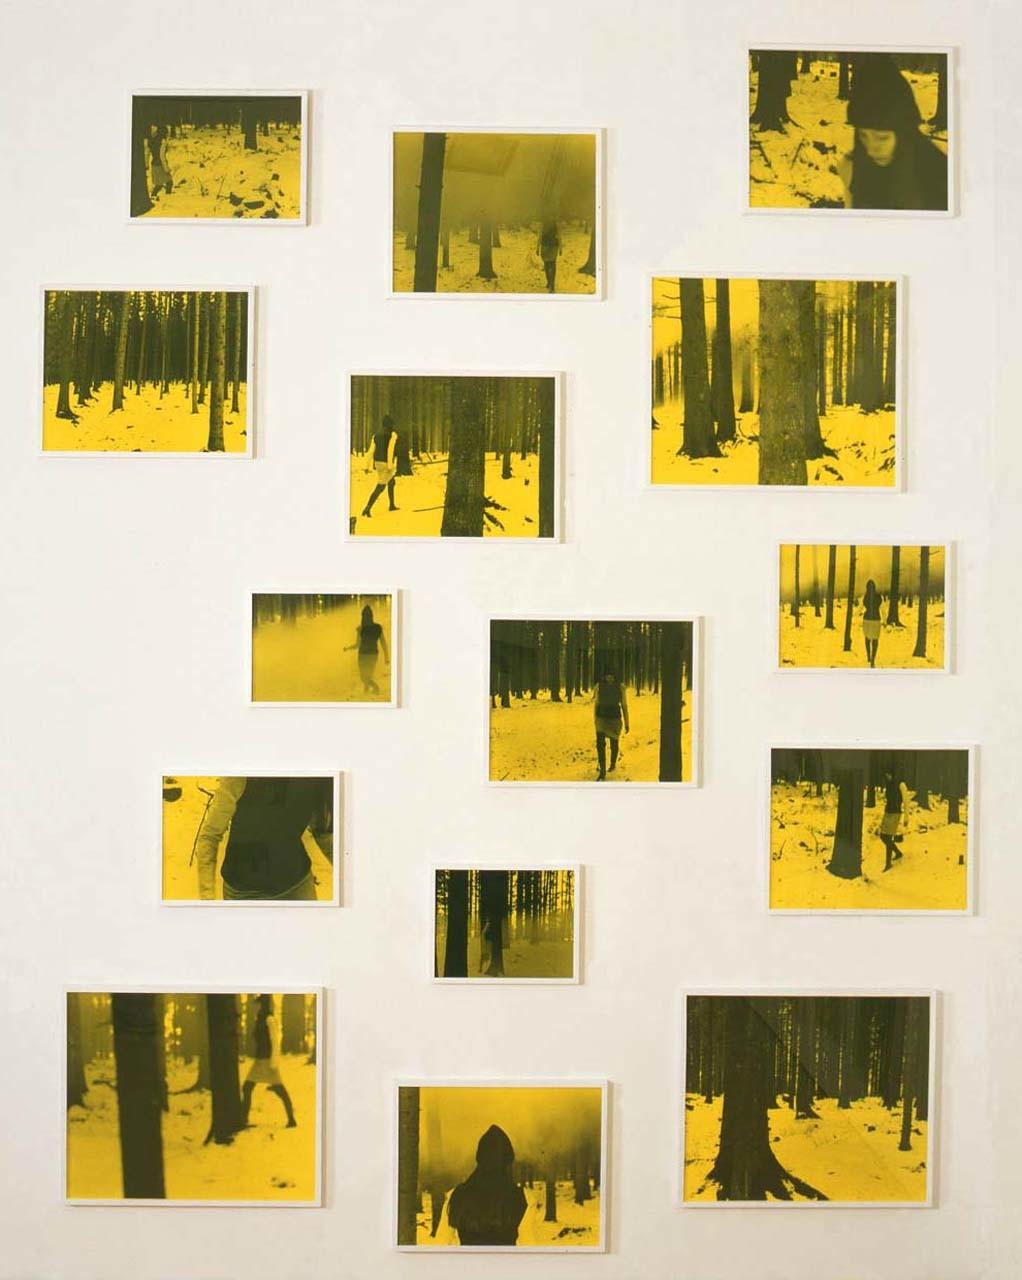 """<div class=""""artwork_caption""""><p>Dreizehnteroktoberneunzehnhundertneunundneunzig, 2000</p></div>"""